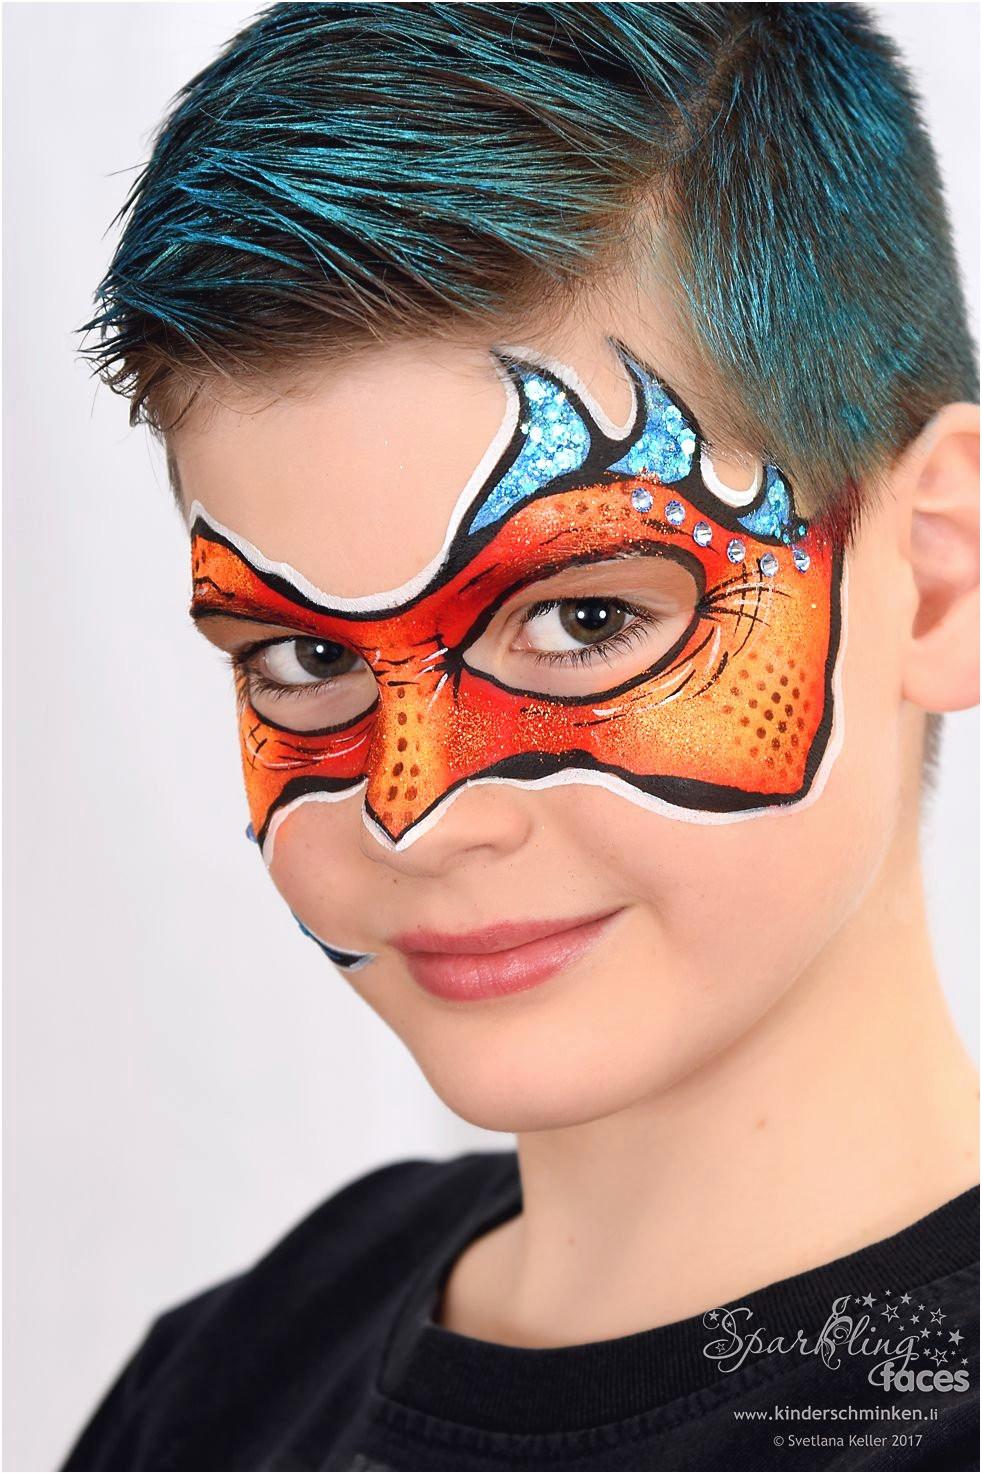 Ladybug Maske Zum Ausdrucken Einzigartig Kinderschminken Vorlagen Zum Ausdrucken Elegant Ladybug Face Paint Bild